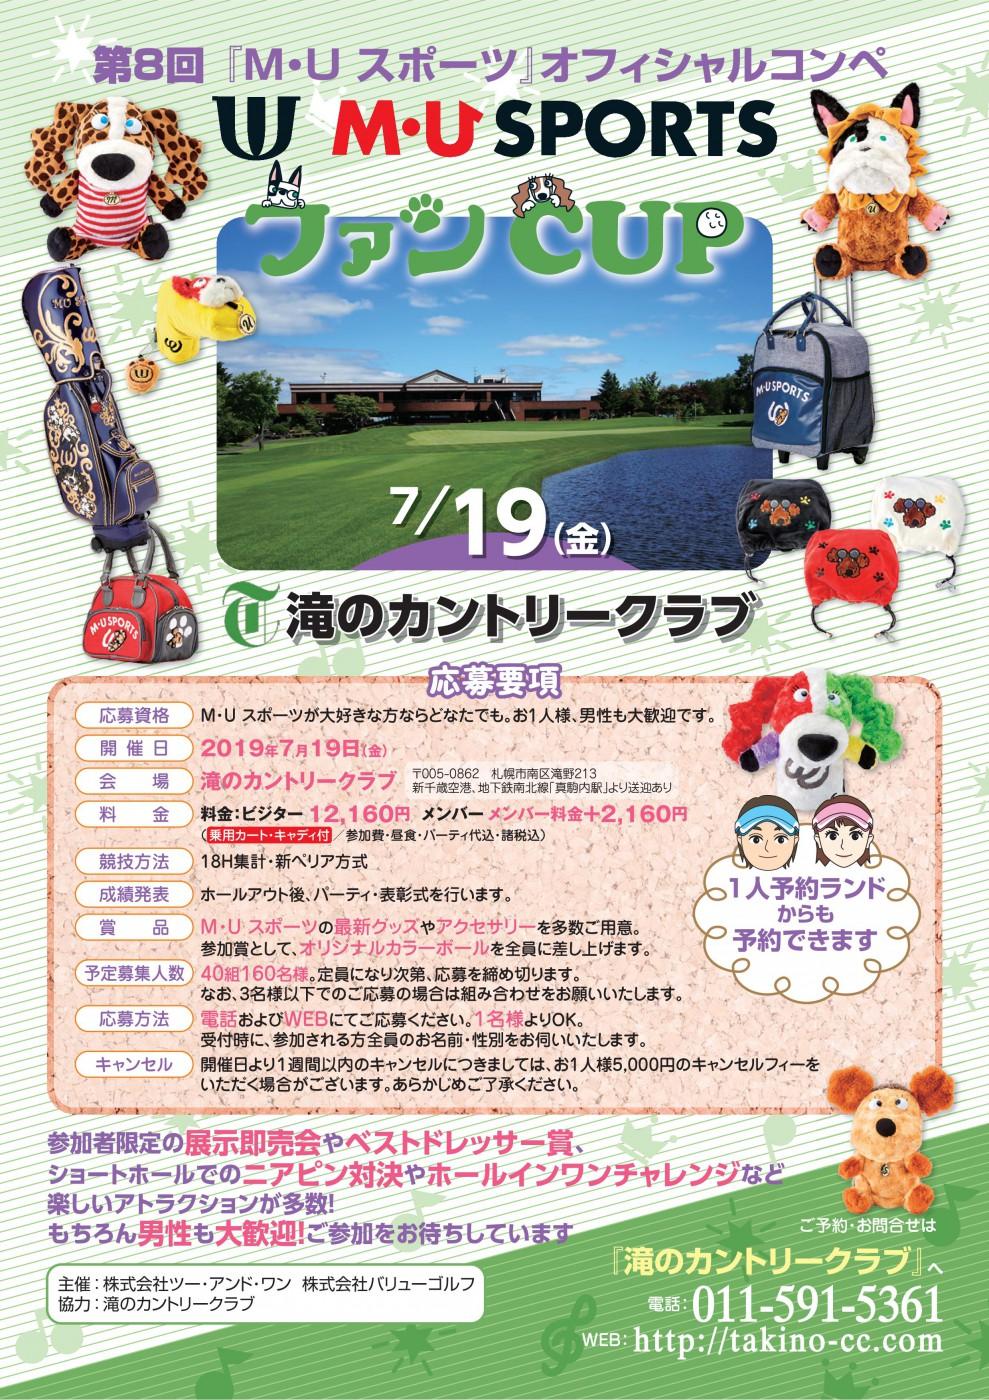 『M・U SPORTS ファン CUP』開催のお知らせ